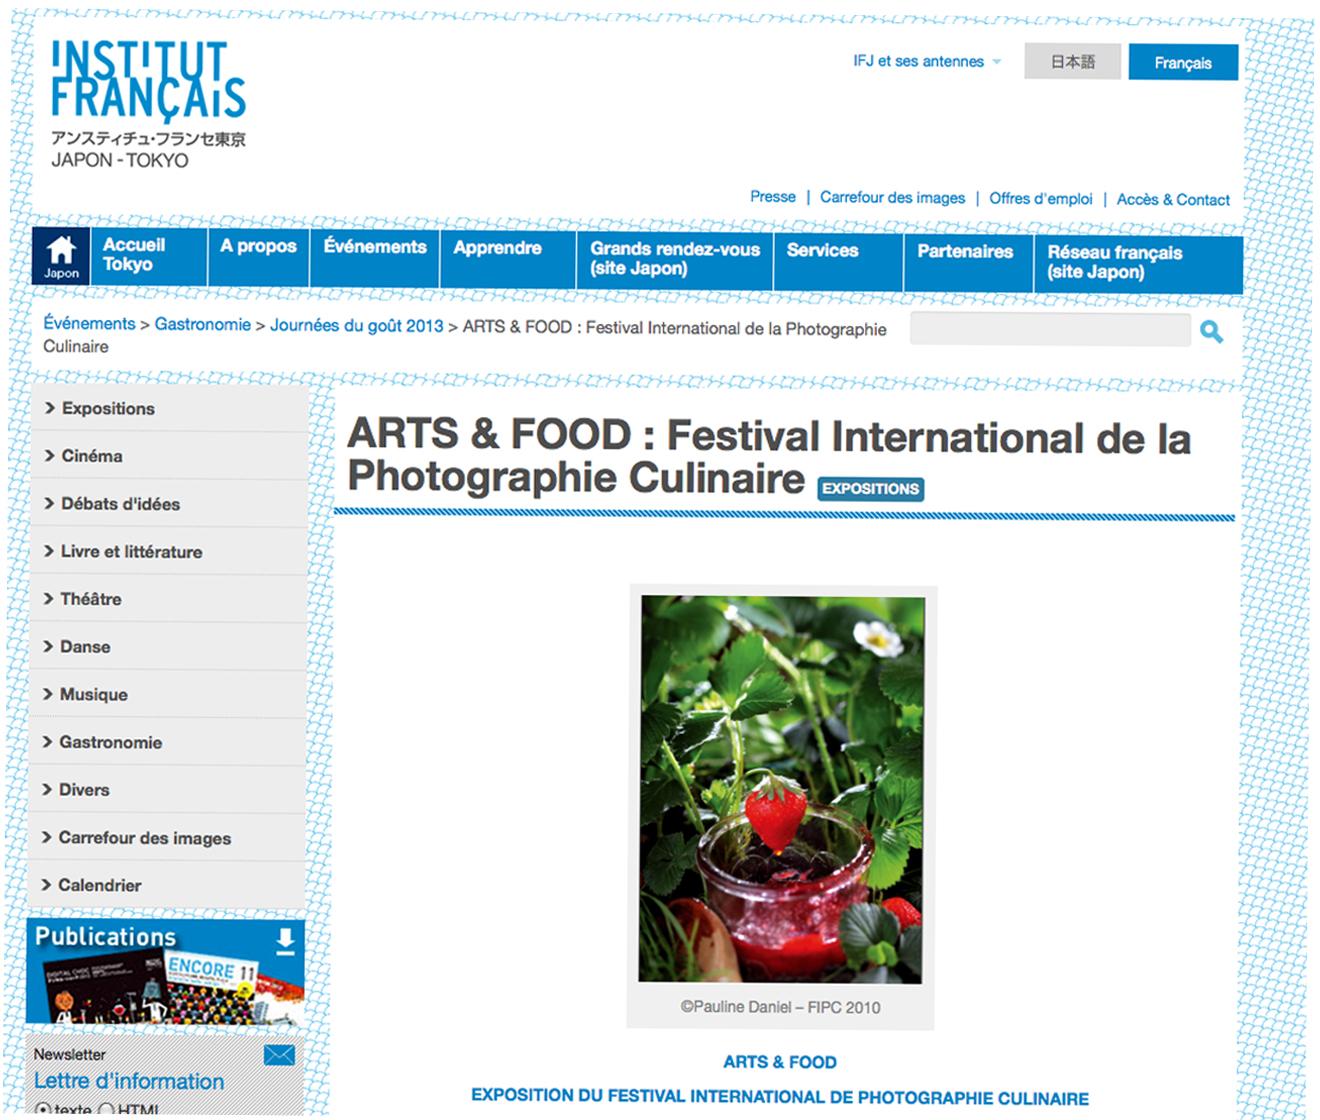 Art and food institut fran ais internationaux - Salon international de la photographie ...